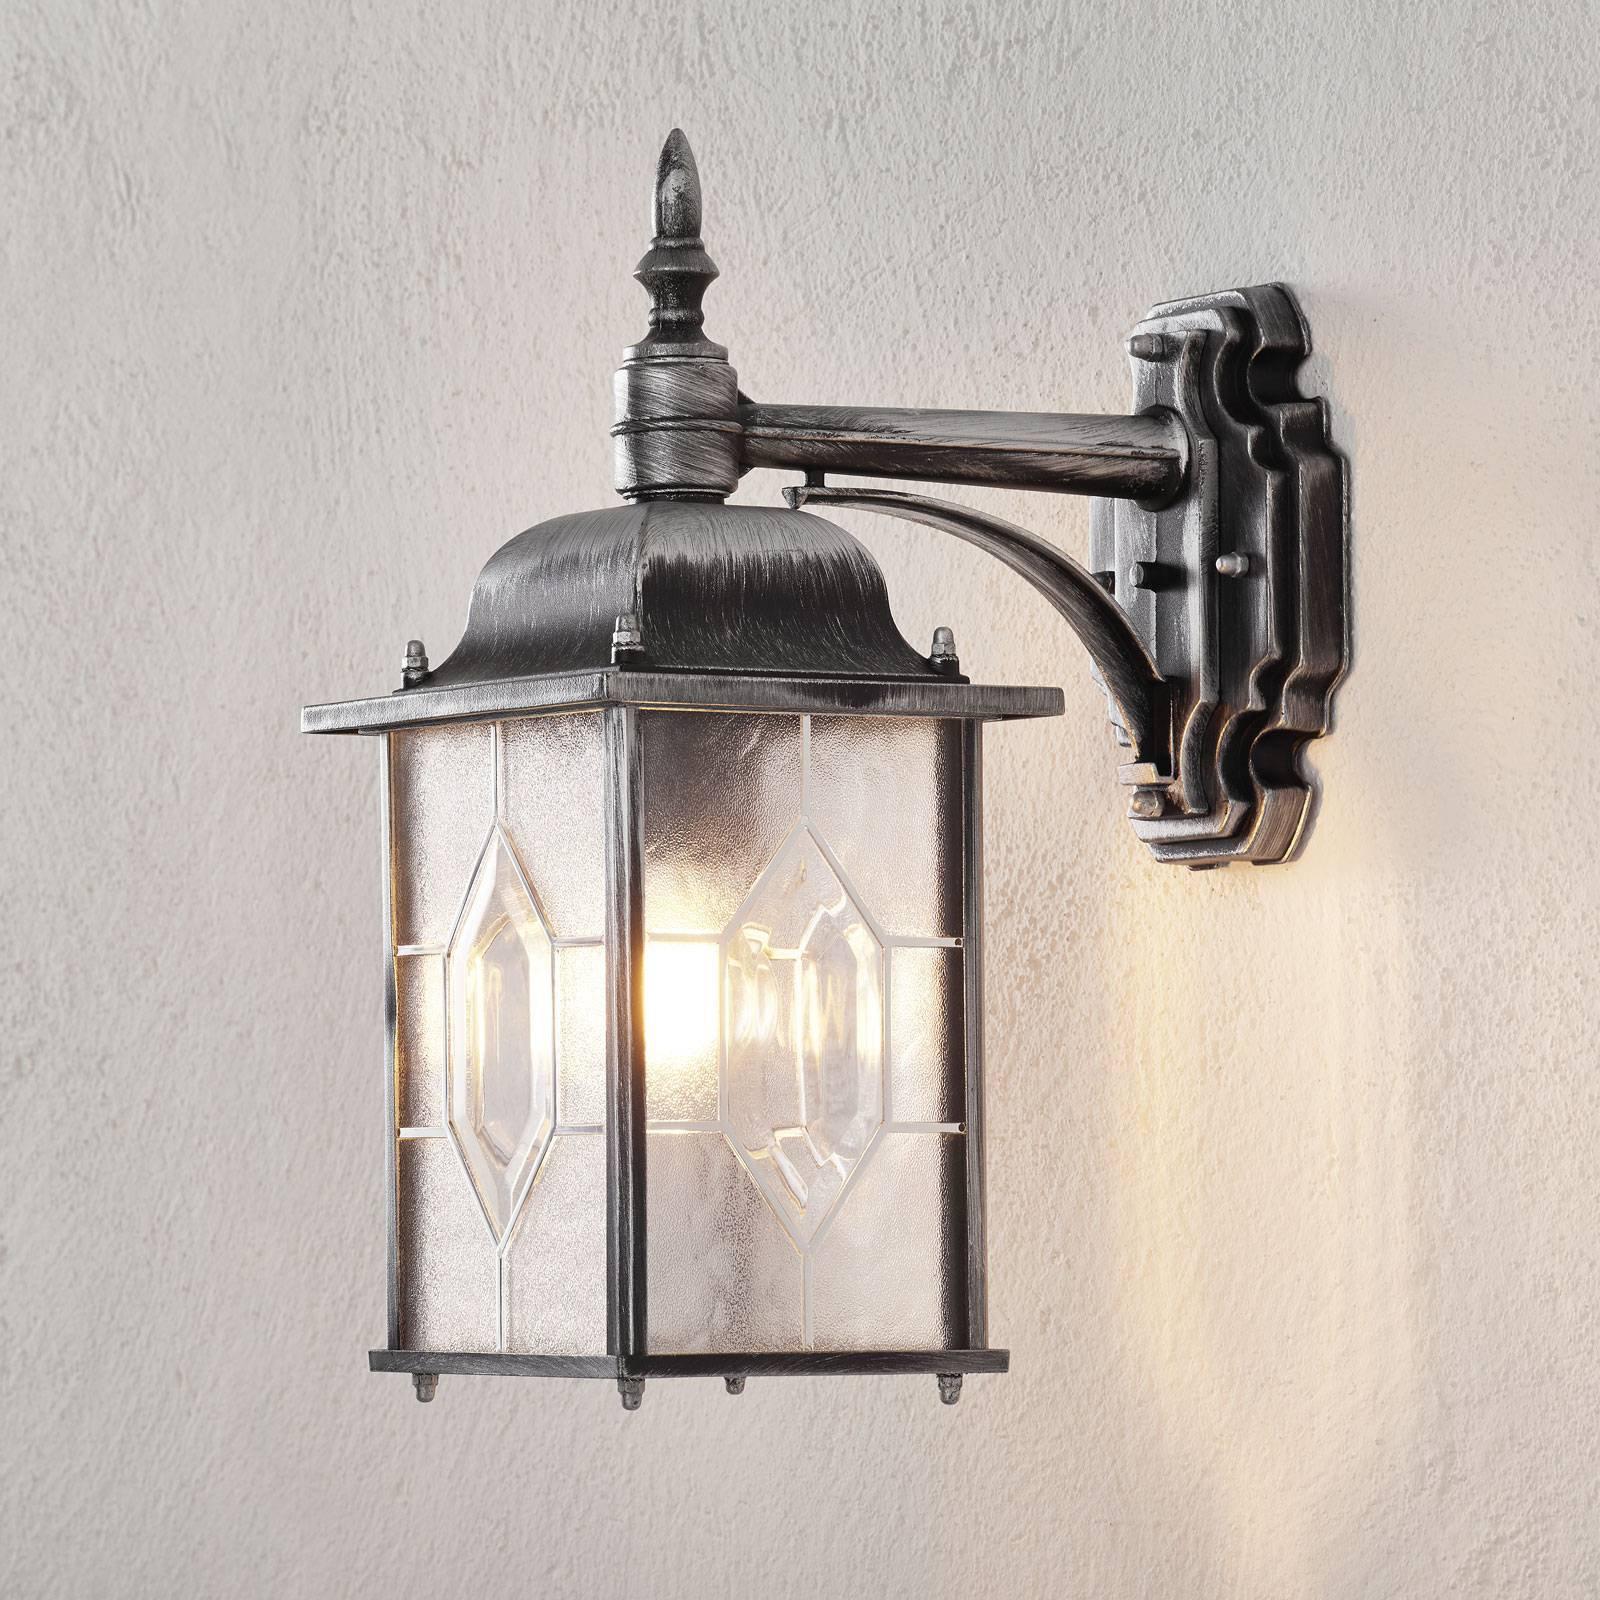 Vegghengt utelampe MILANO i svart/sølv, hengende